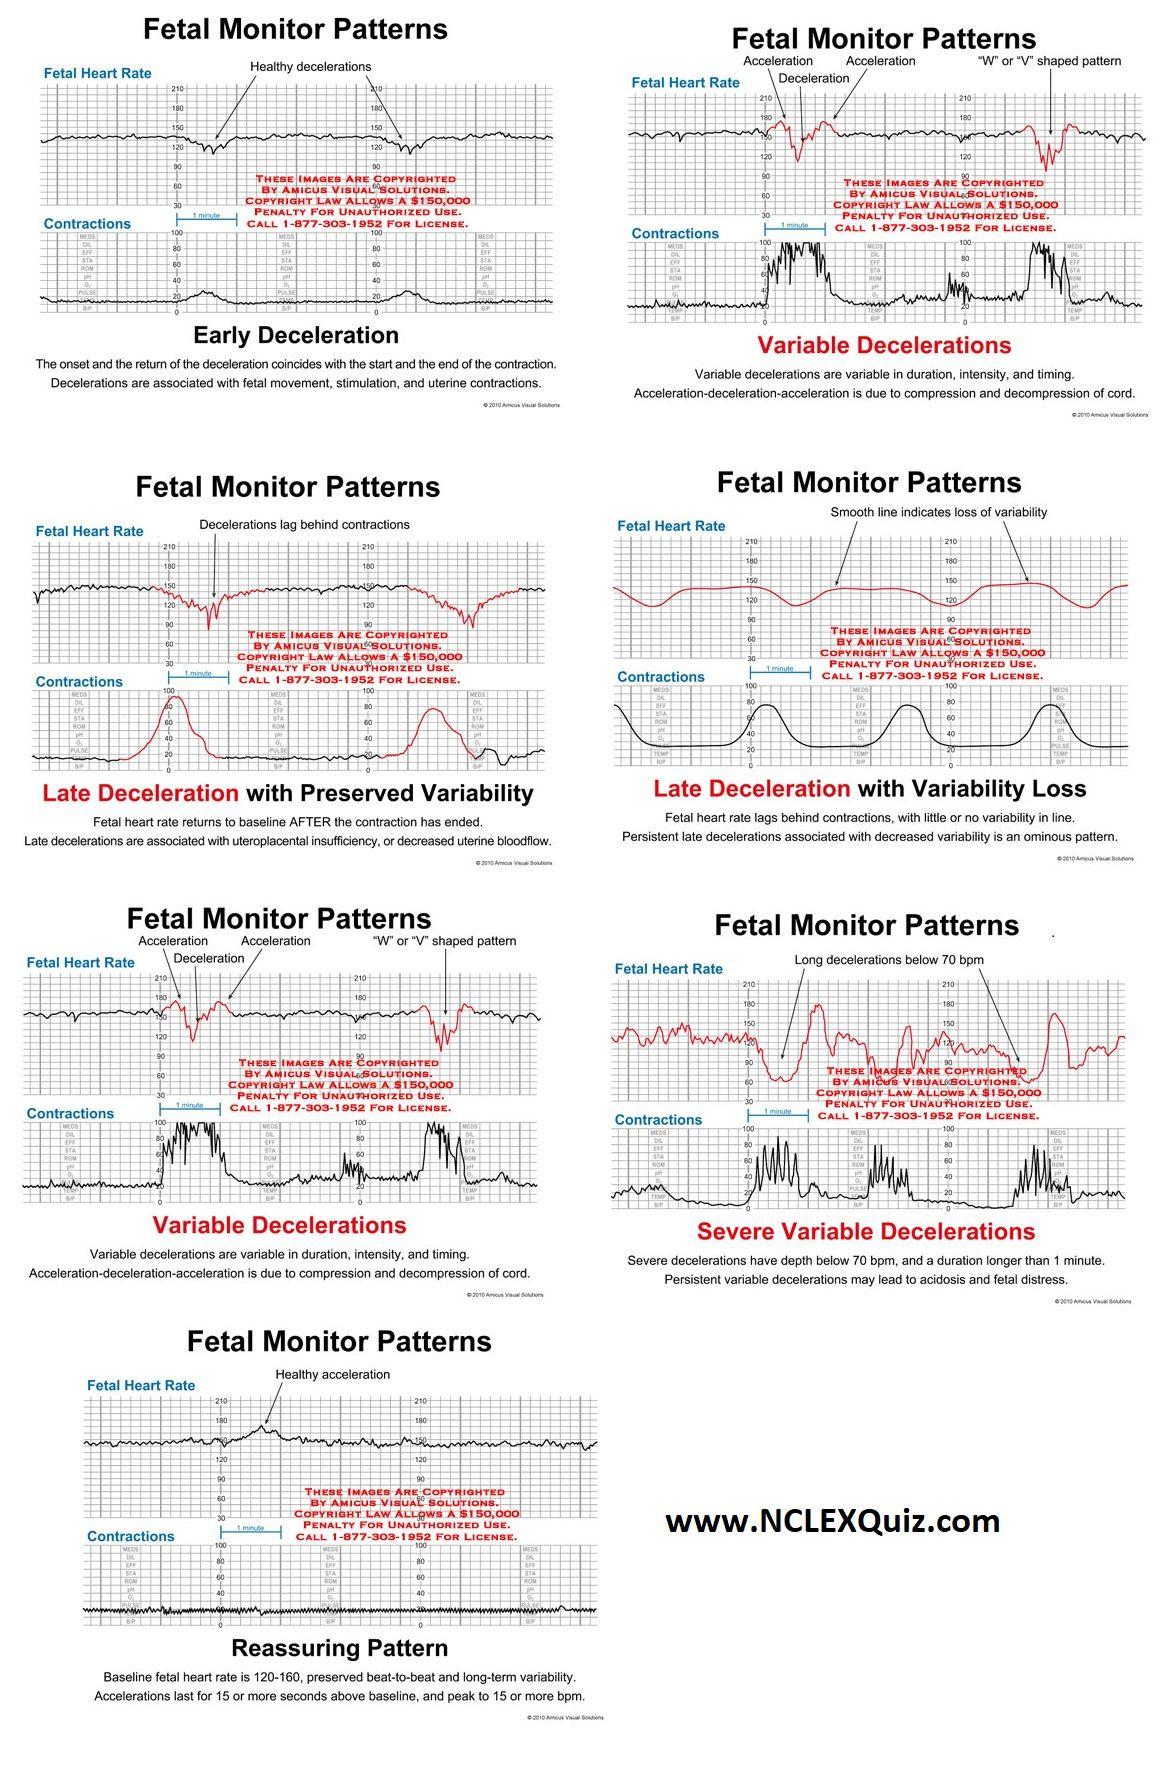 77 Obgyn Ideas Obgyn Diagnostic Medical Sonography Sonography